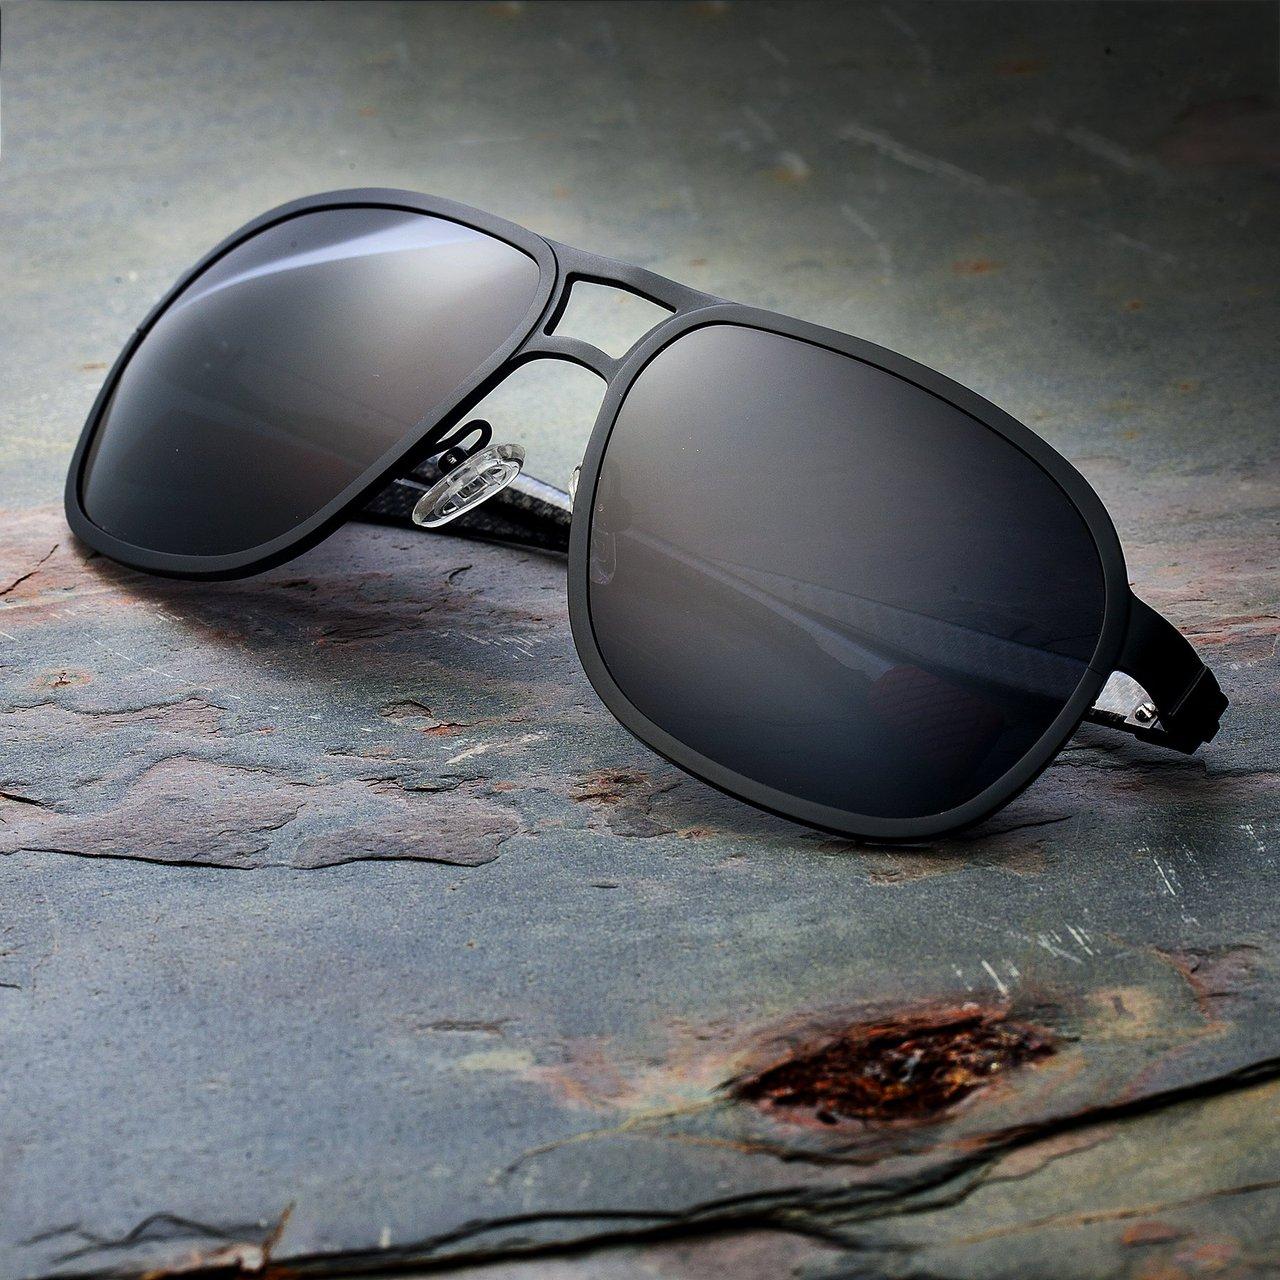 Breed Concorde Black Carbon Fiber Sunglasses